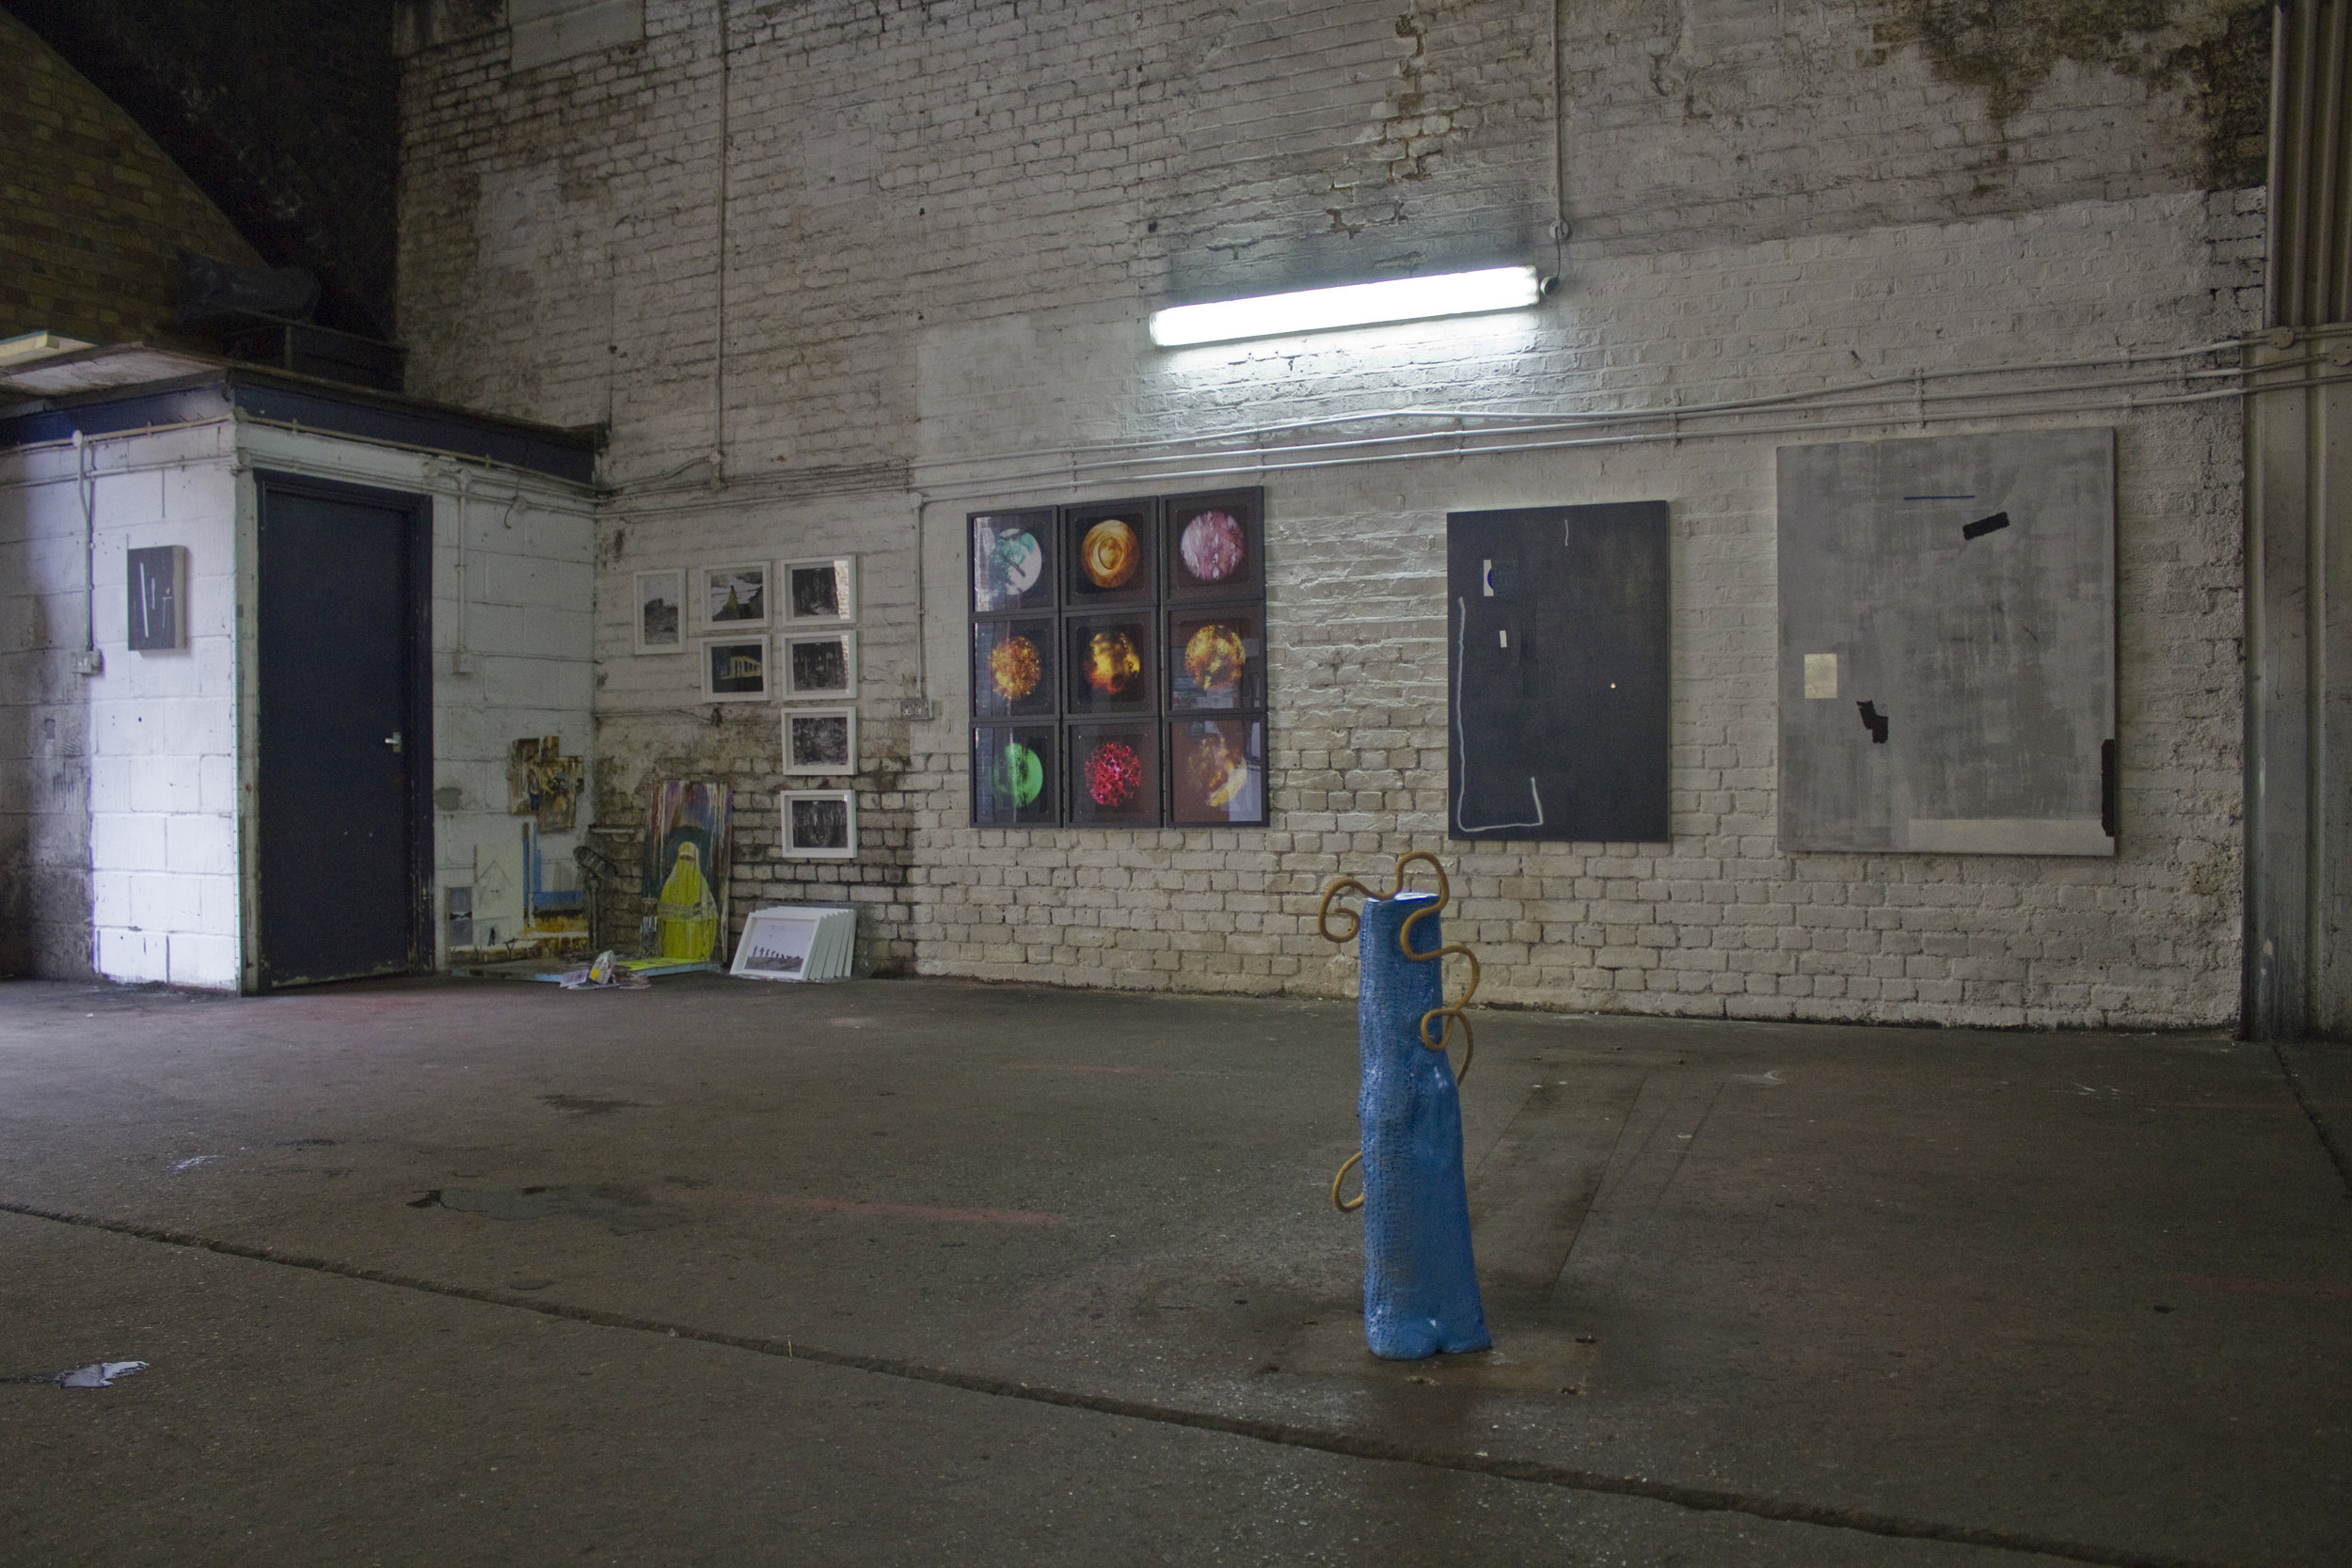 Sluice Biennial | Hackney, London | October 2017